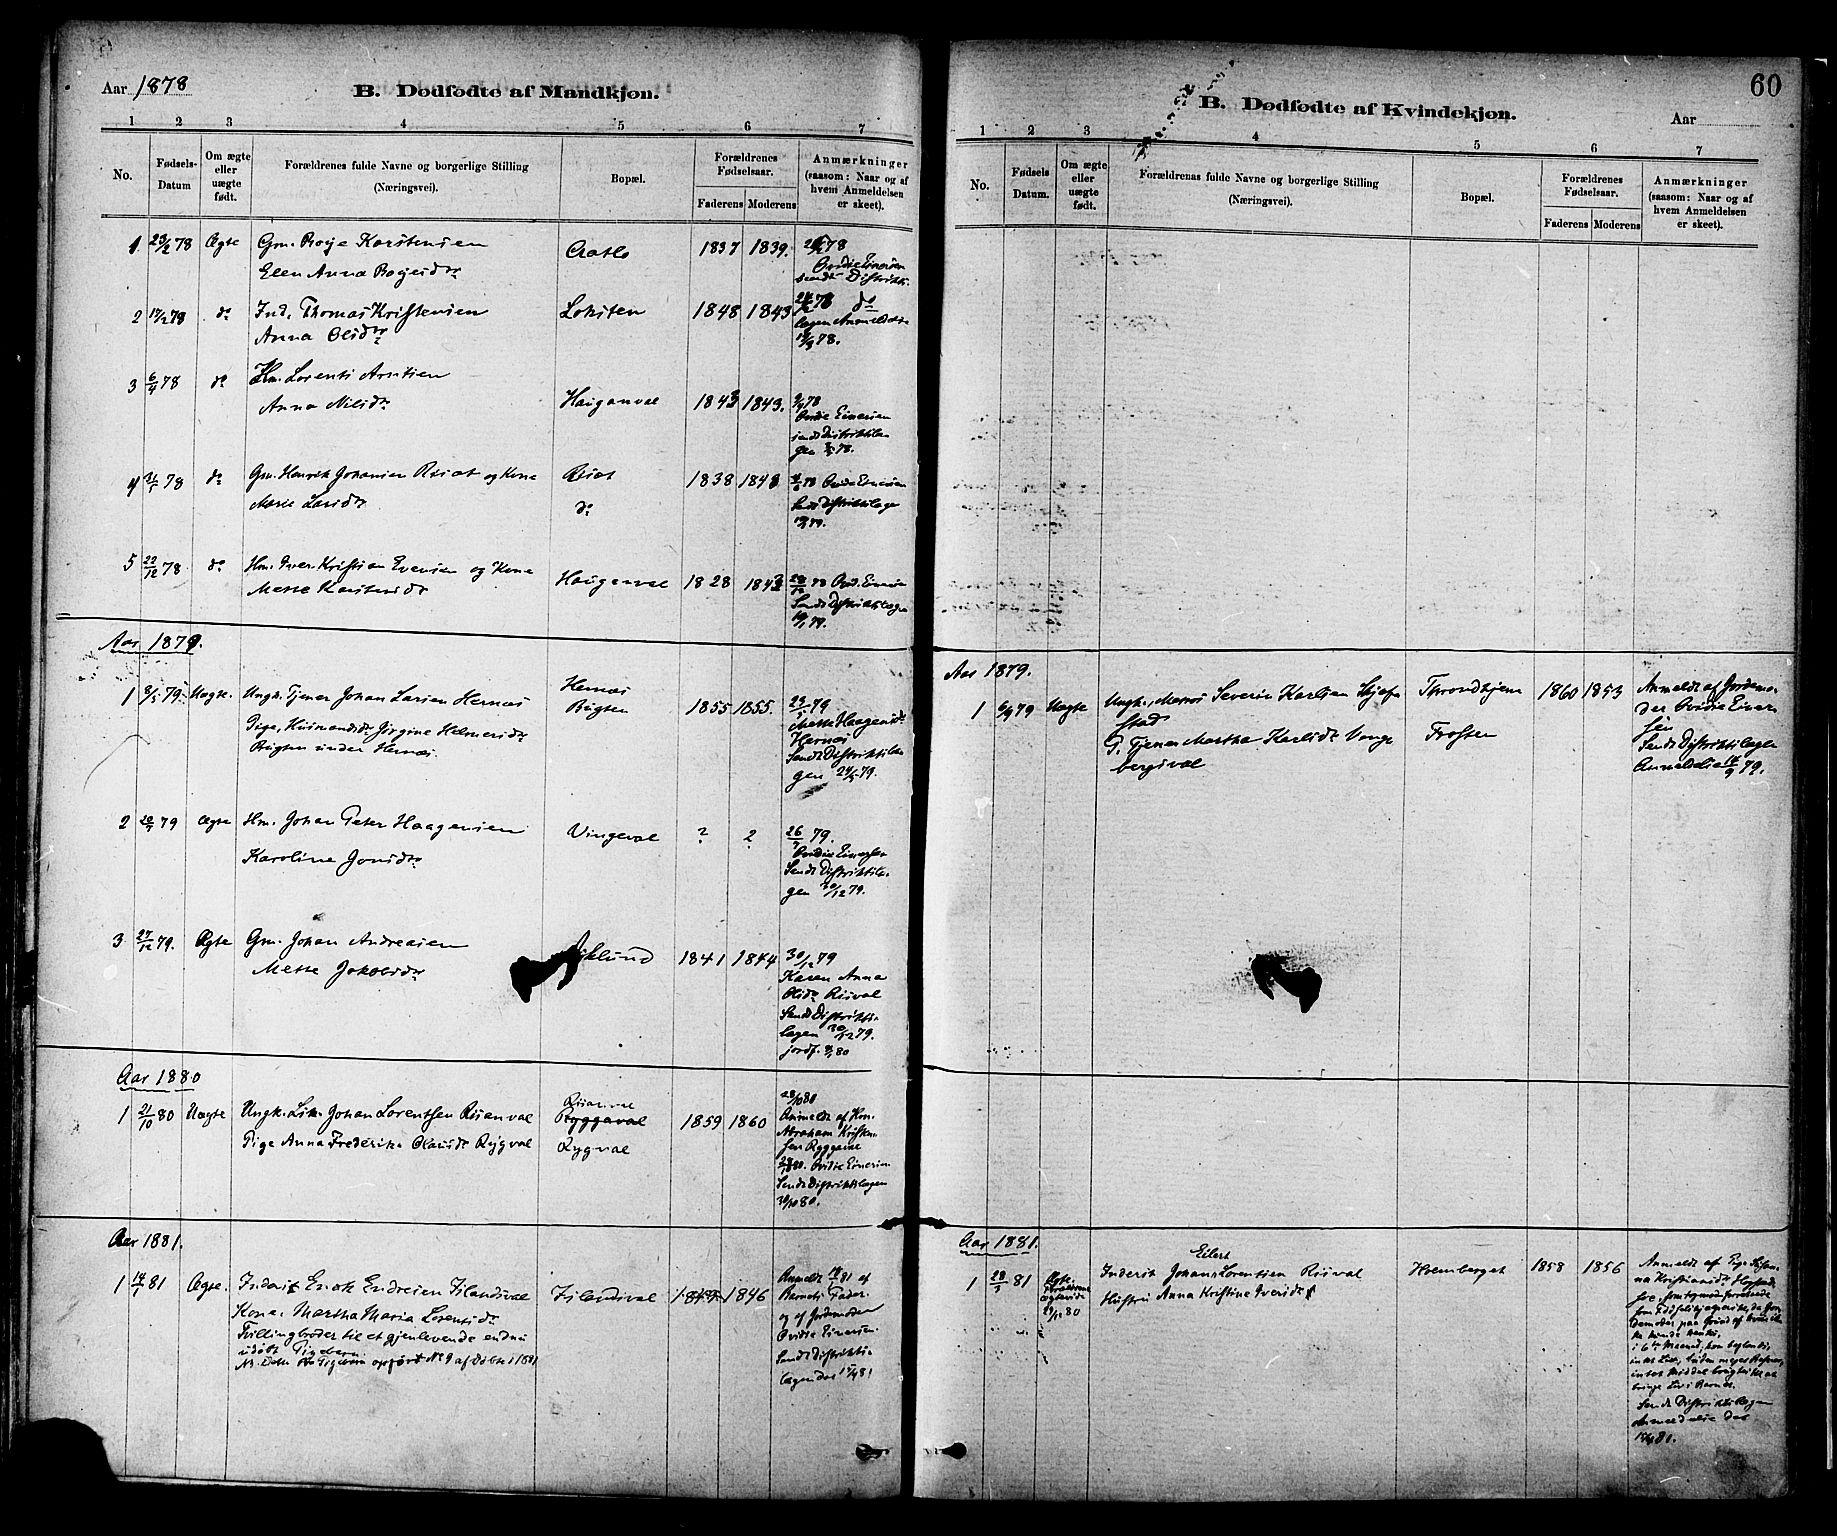 SAT, Ministerialprotokoller, klokkerbøker og fødselsregistre - Nord-Trøndelag, 713/L0120: Ministerialbok nr. 713A09, 1878-1887, s. 60